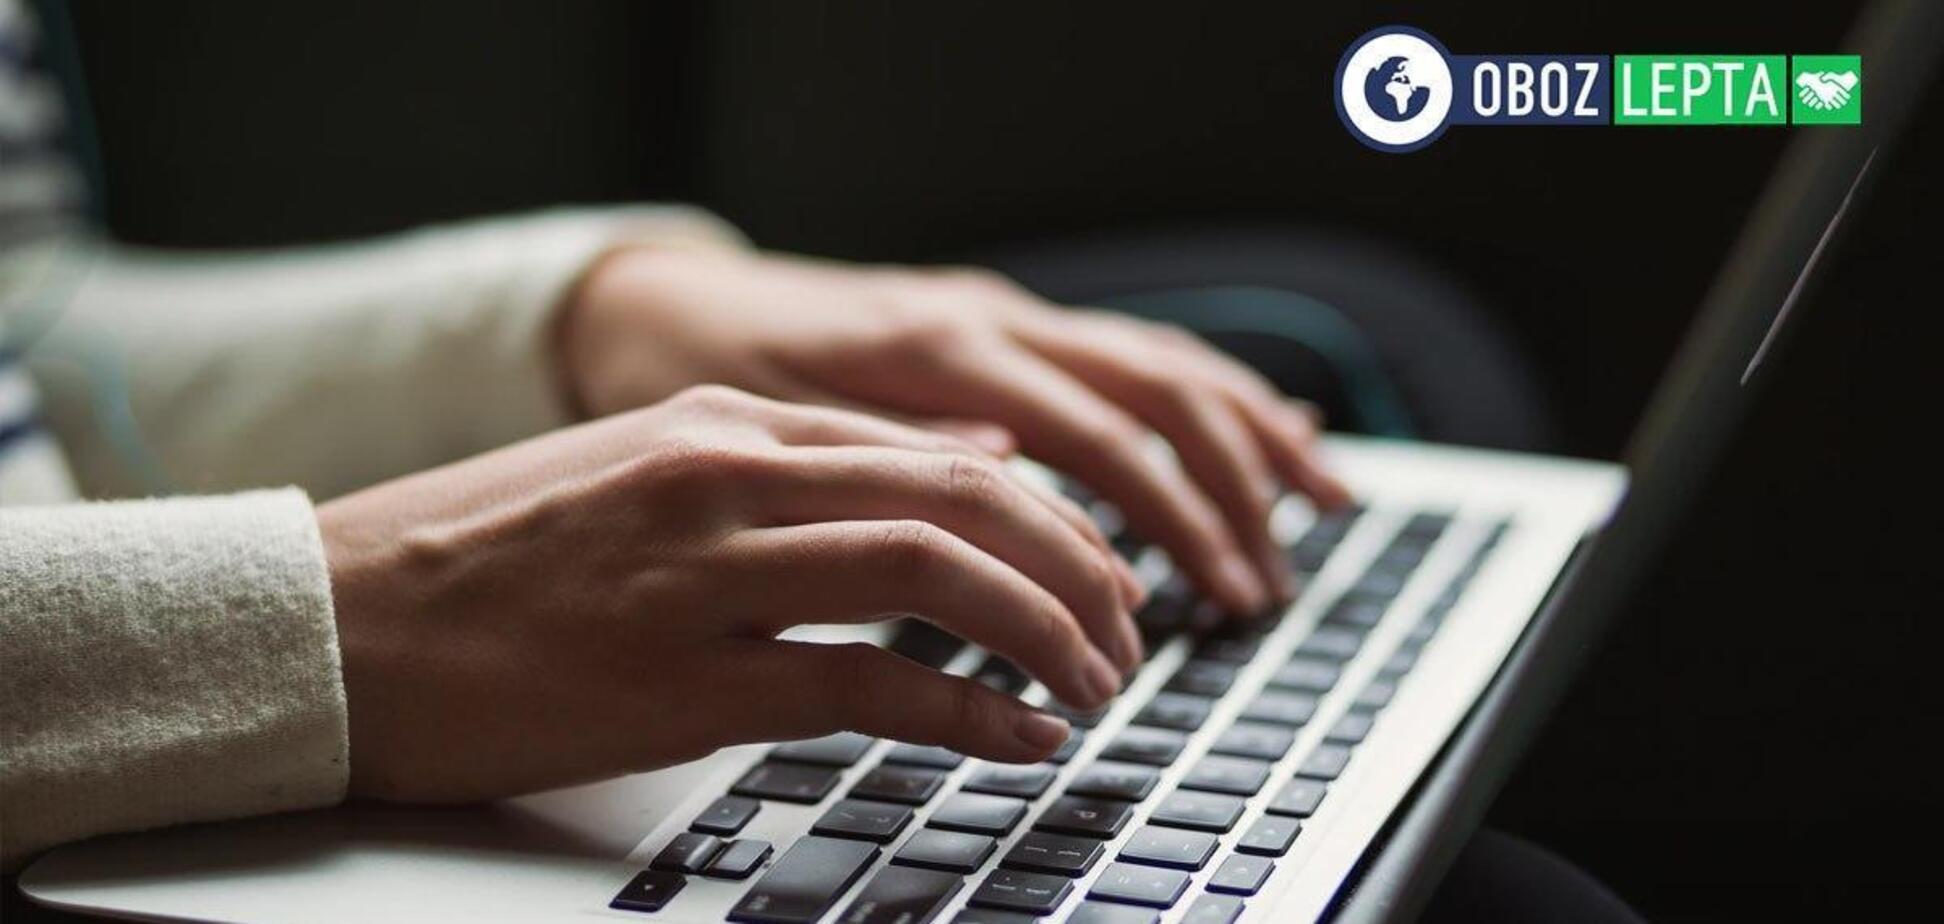 Високі технології і глобальна відповідальність: чому IT-сектор повинен допомагати суспільству